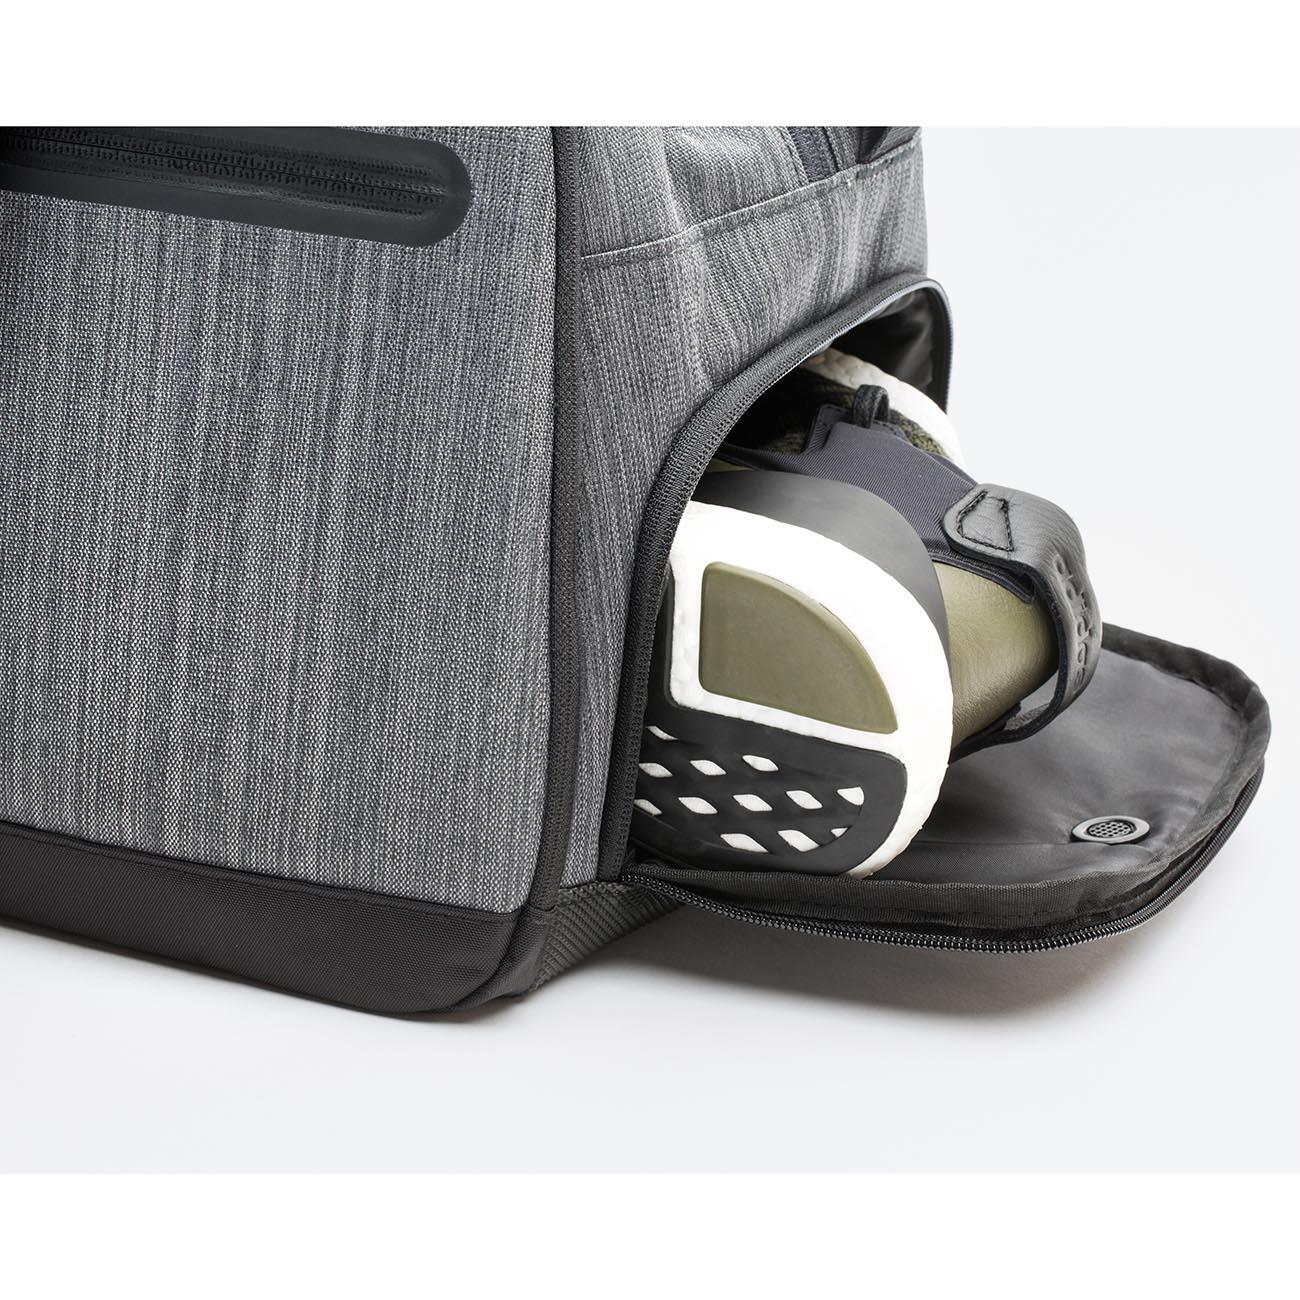 mub weekender reisetasche 3 jahre garantie pro idee. Black Bedroom Furniture Sets. Home Design Ideas